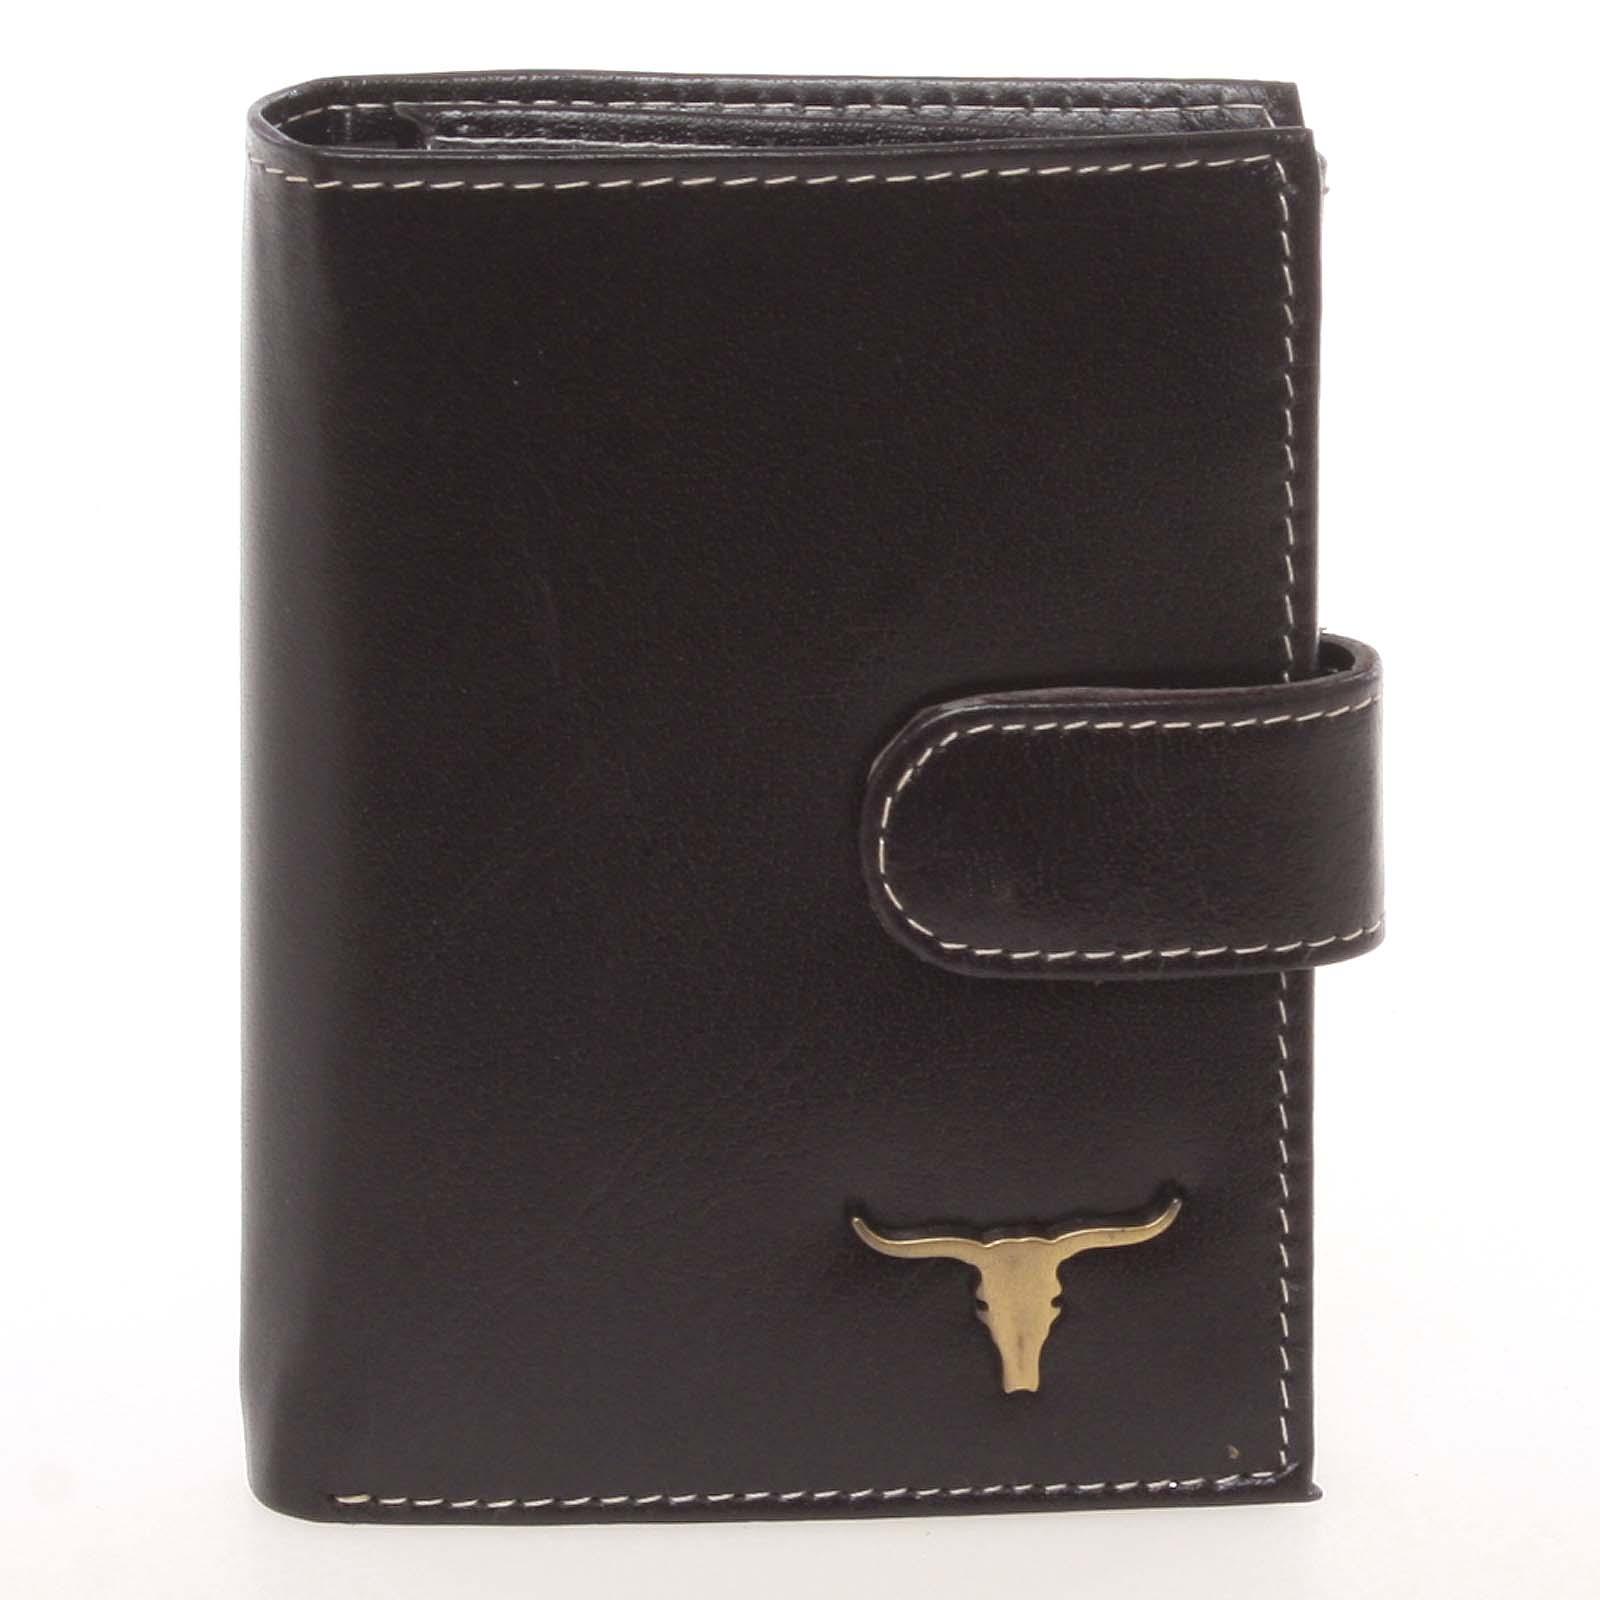 Kvalitná pánska čierna kožená peňaženka - BUFFALO Mantel čierna